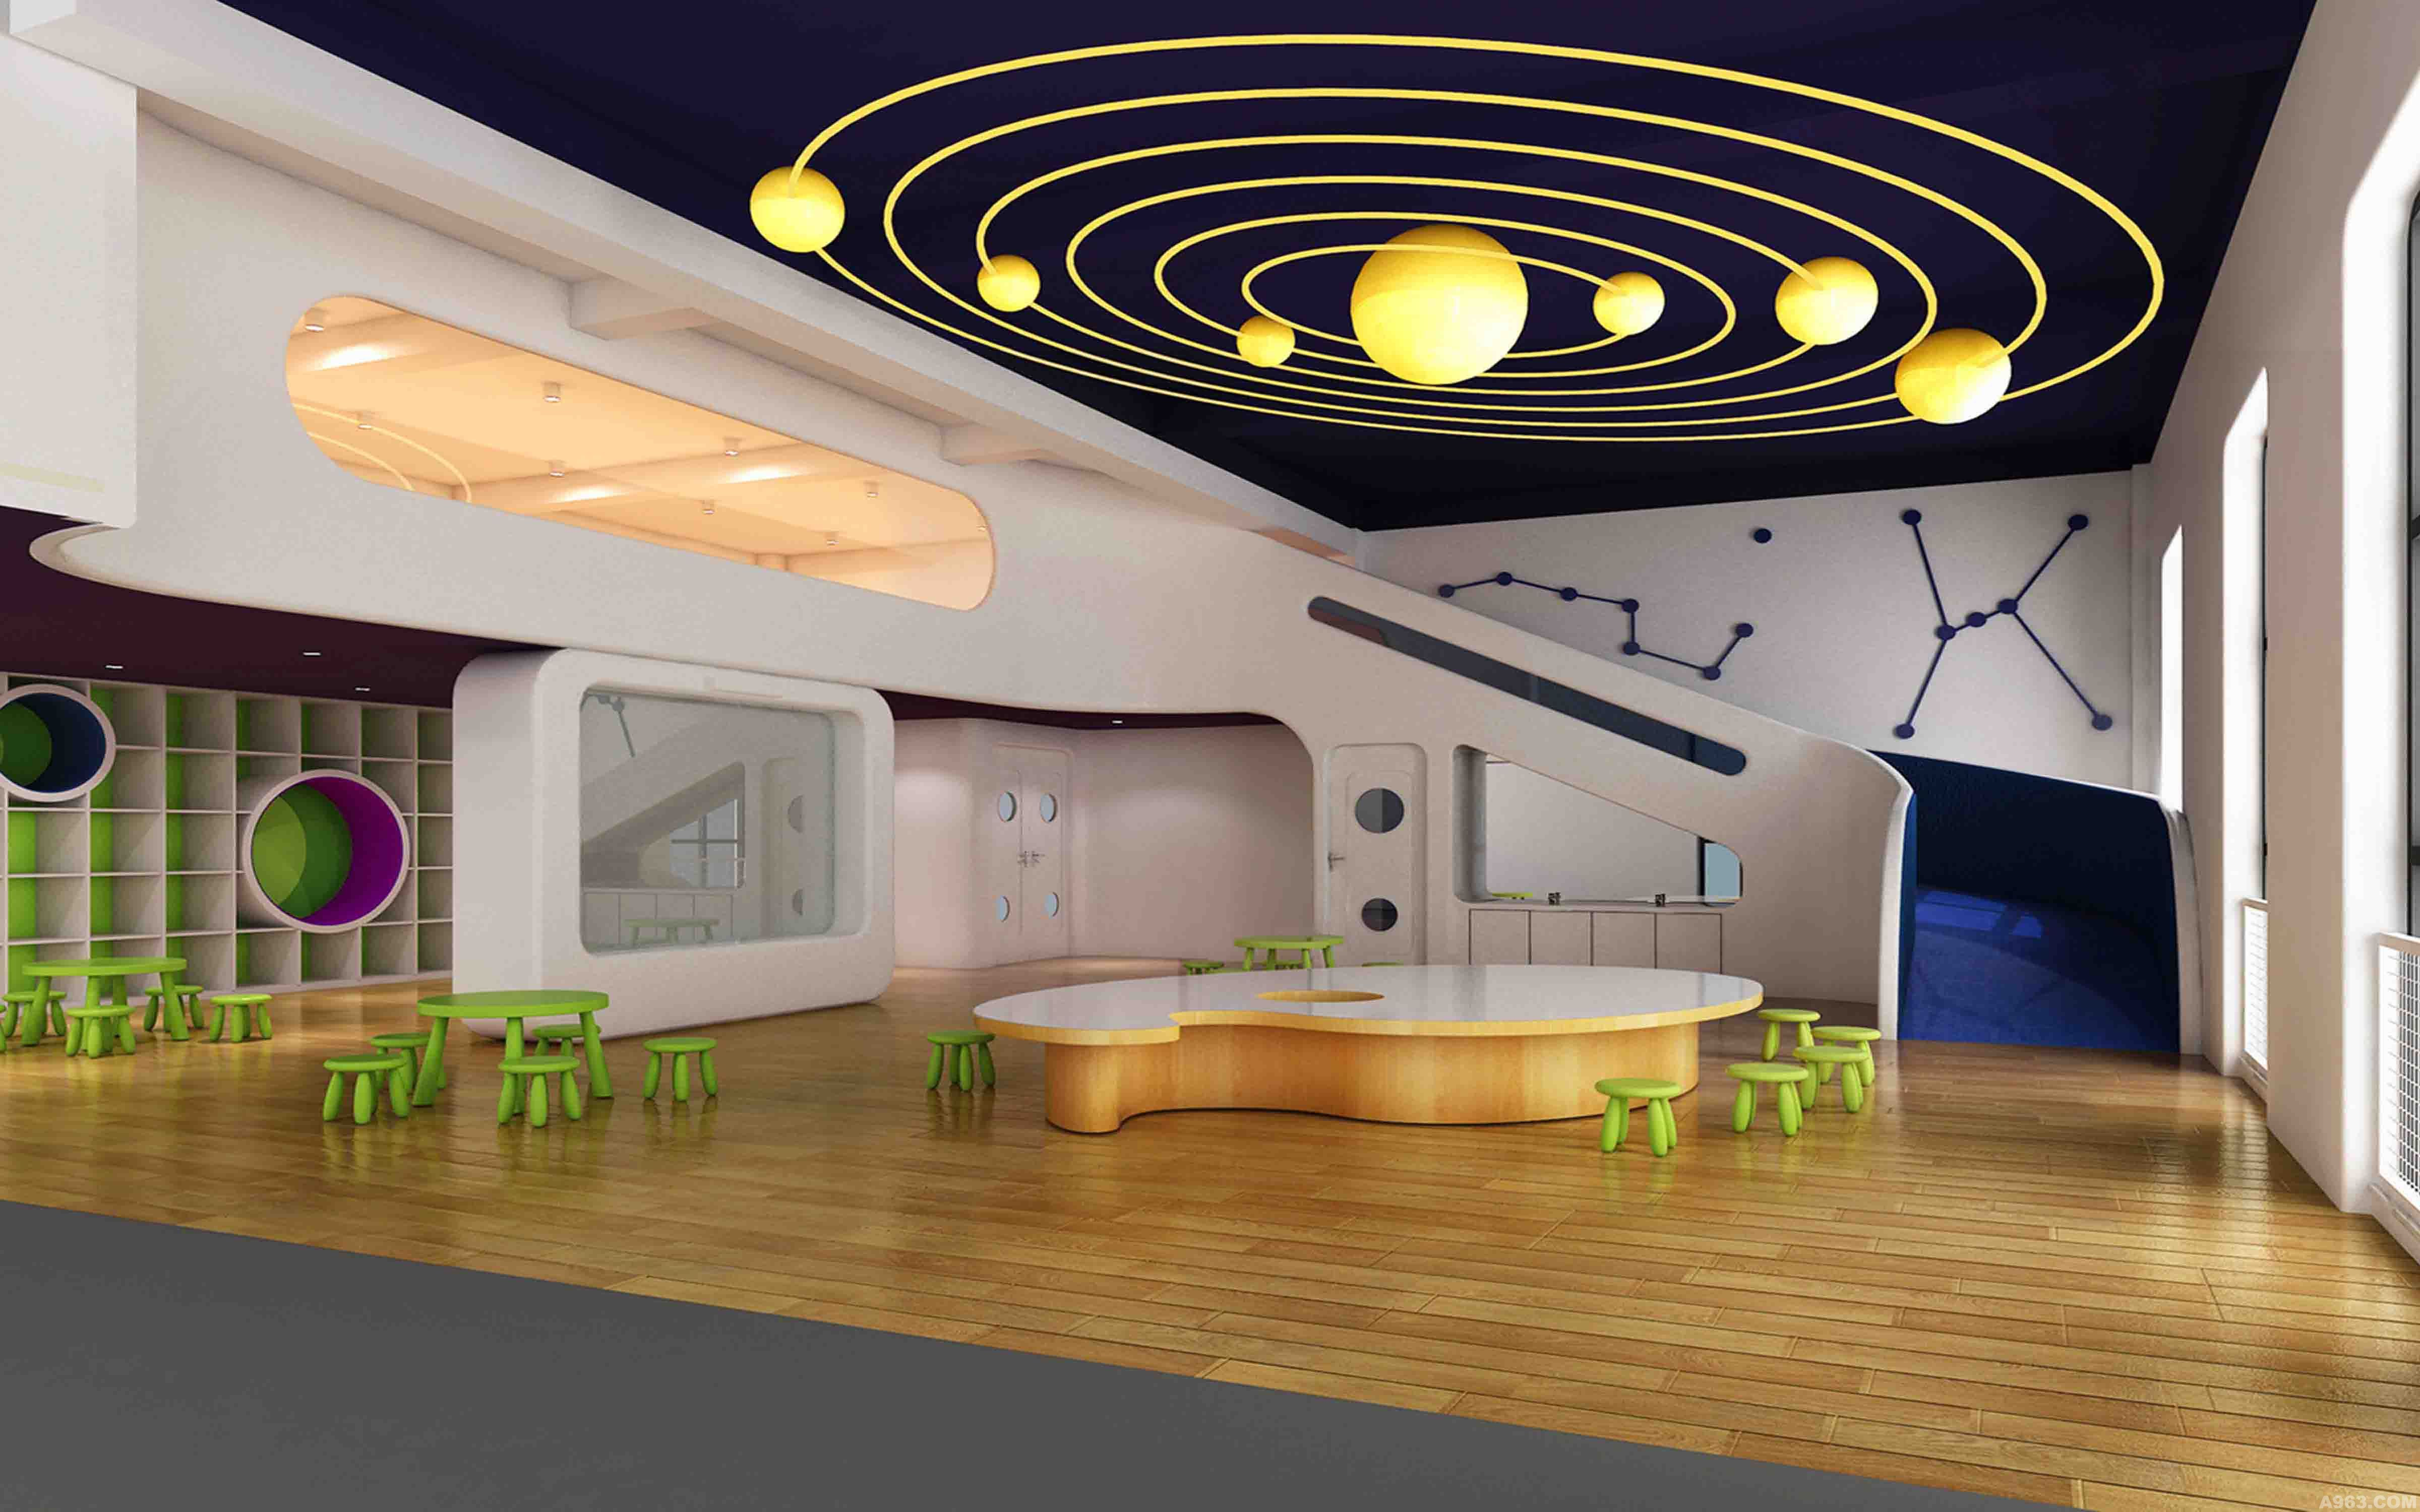 爱尚亚太国际幼儿园 - 文化空间 - 北京室内设计网__.